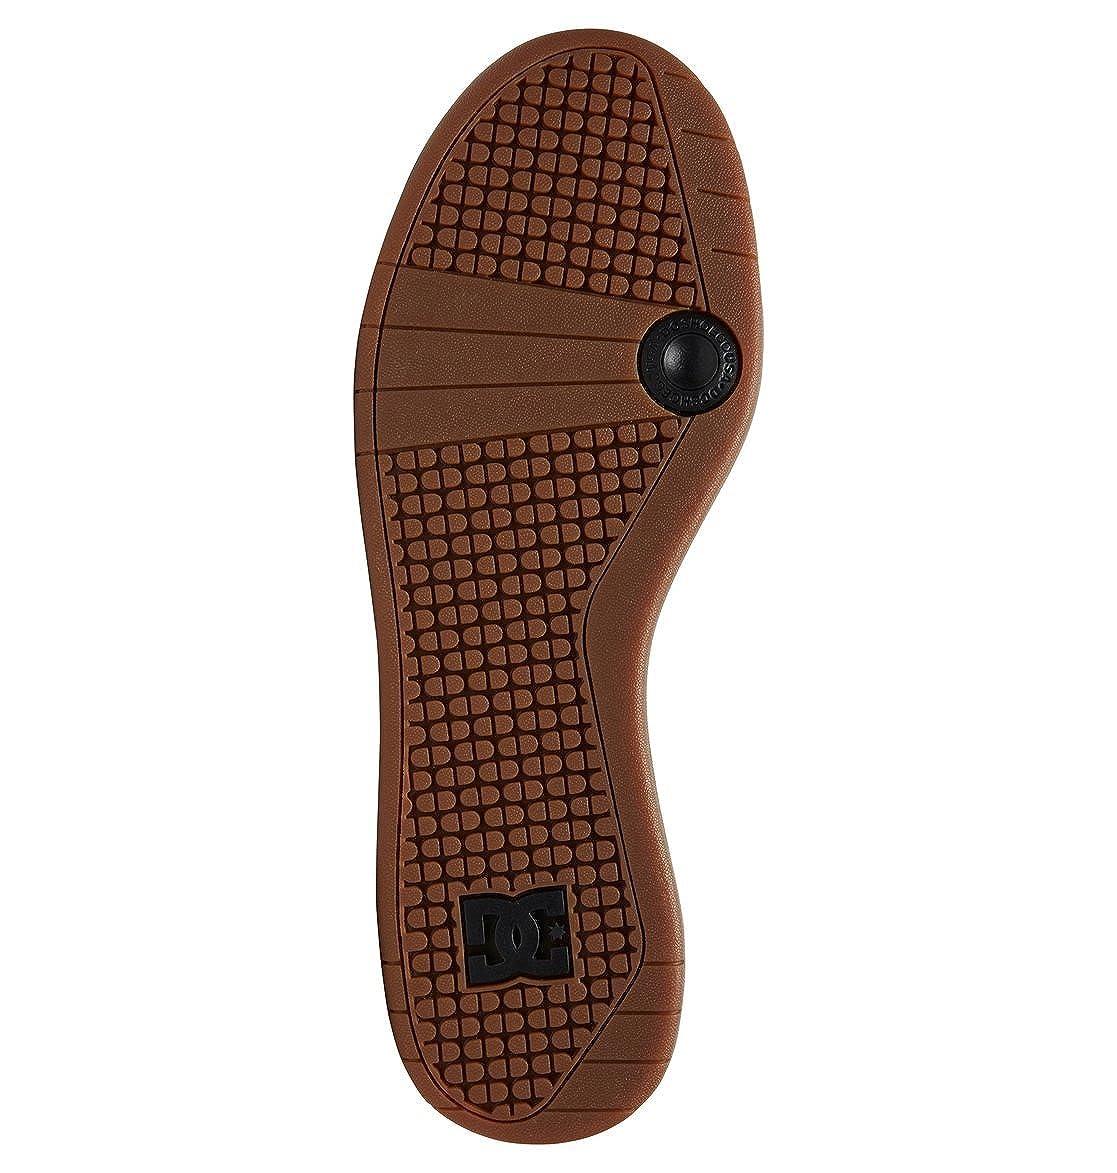 DC DC DC schuhe Pensford - High-Top-Schuhe für Männer ADYS400038 e97d2a